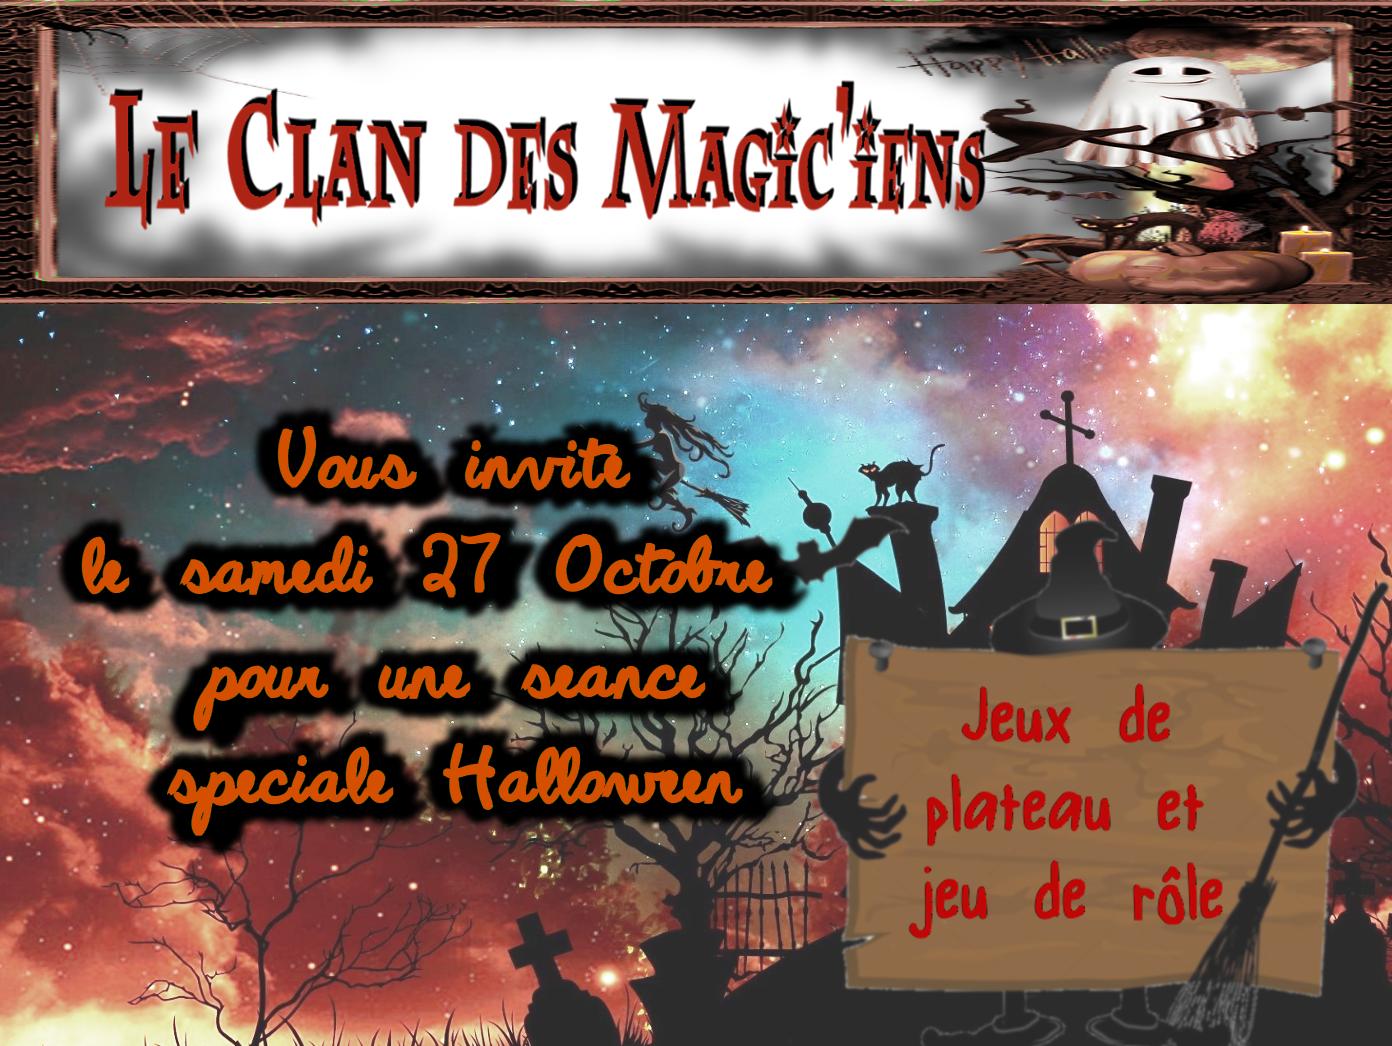 Samedi 27 Octobre : Séance spéciale Halloween à partir de 14h (Jeu de plateau et Jeu de Rôle) ZGJ93